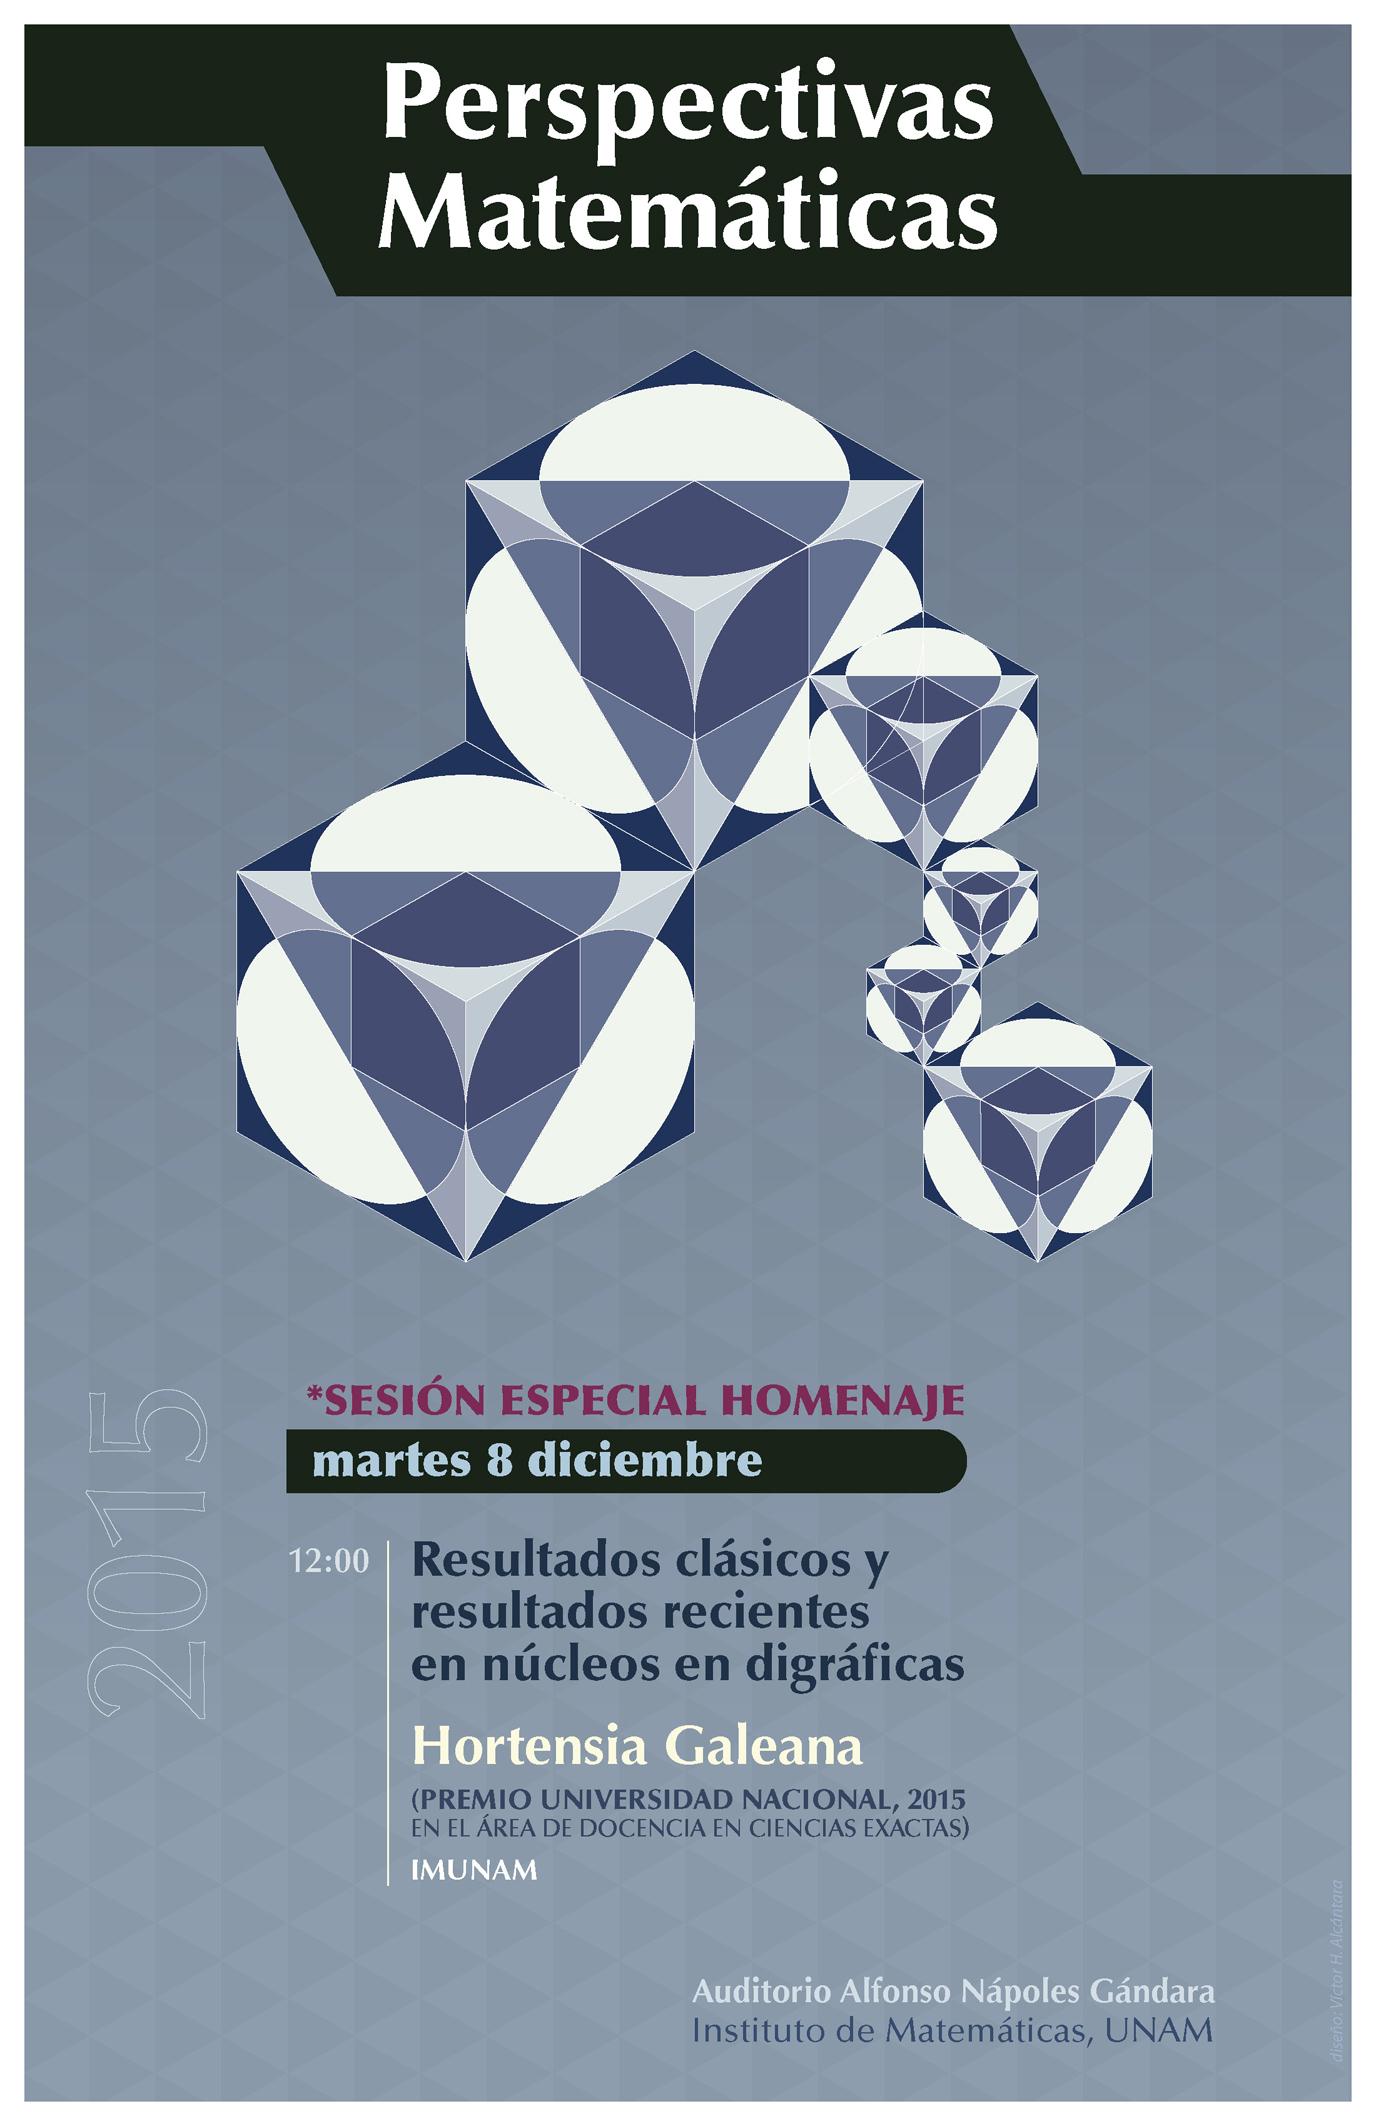 Perspectivas Matemáticas: Diciembre - SESIÓN HOMENAJE -